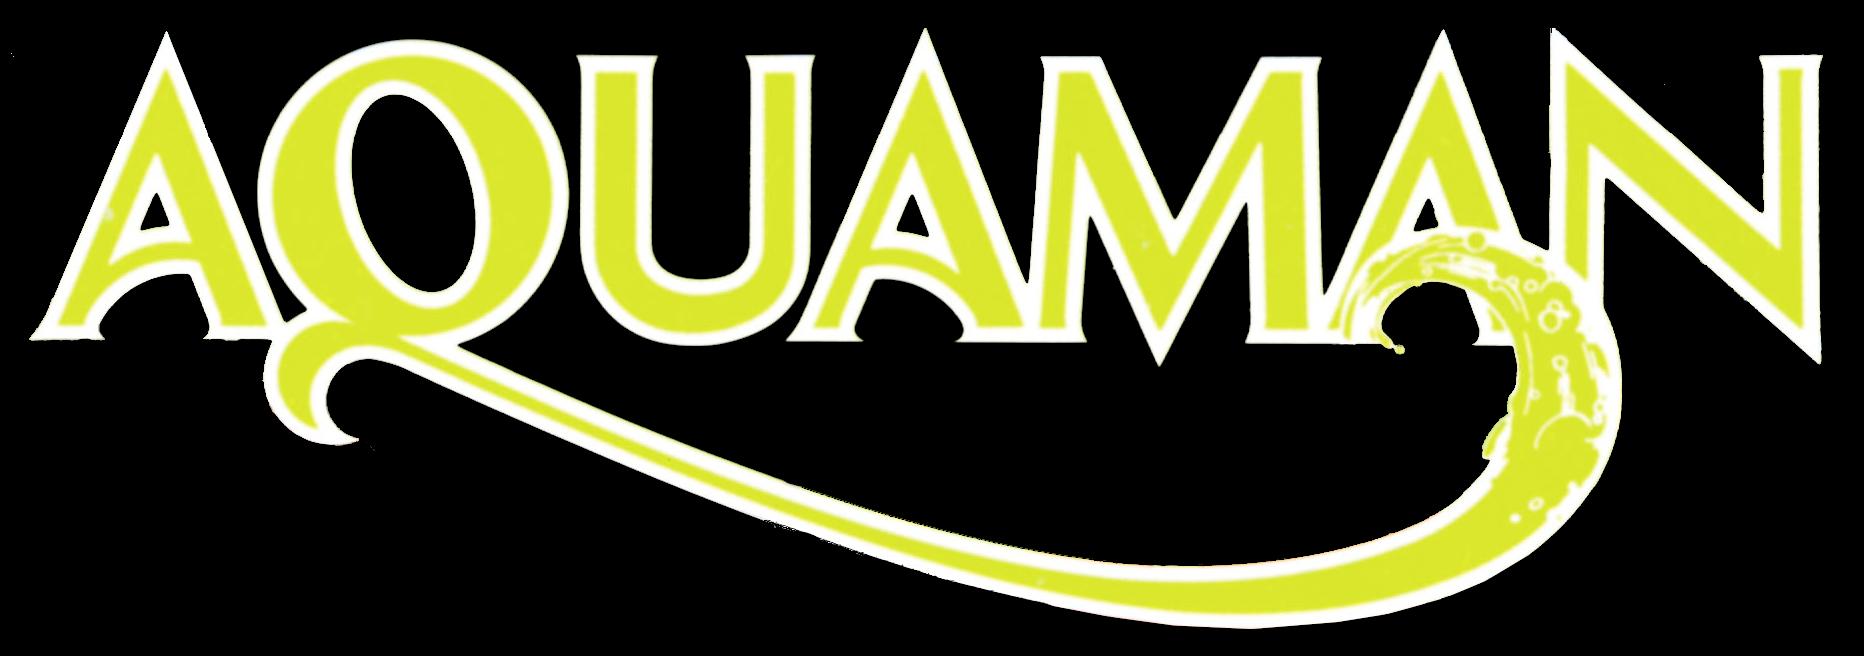 Aquaman | LOGO Comics Wiki | FANDOM powered by Wikia